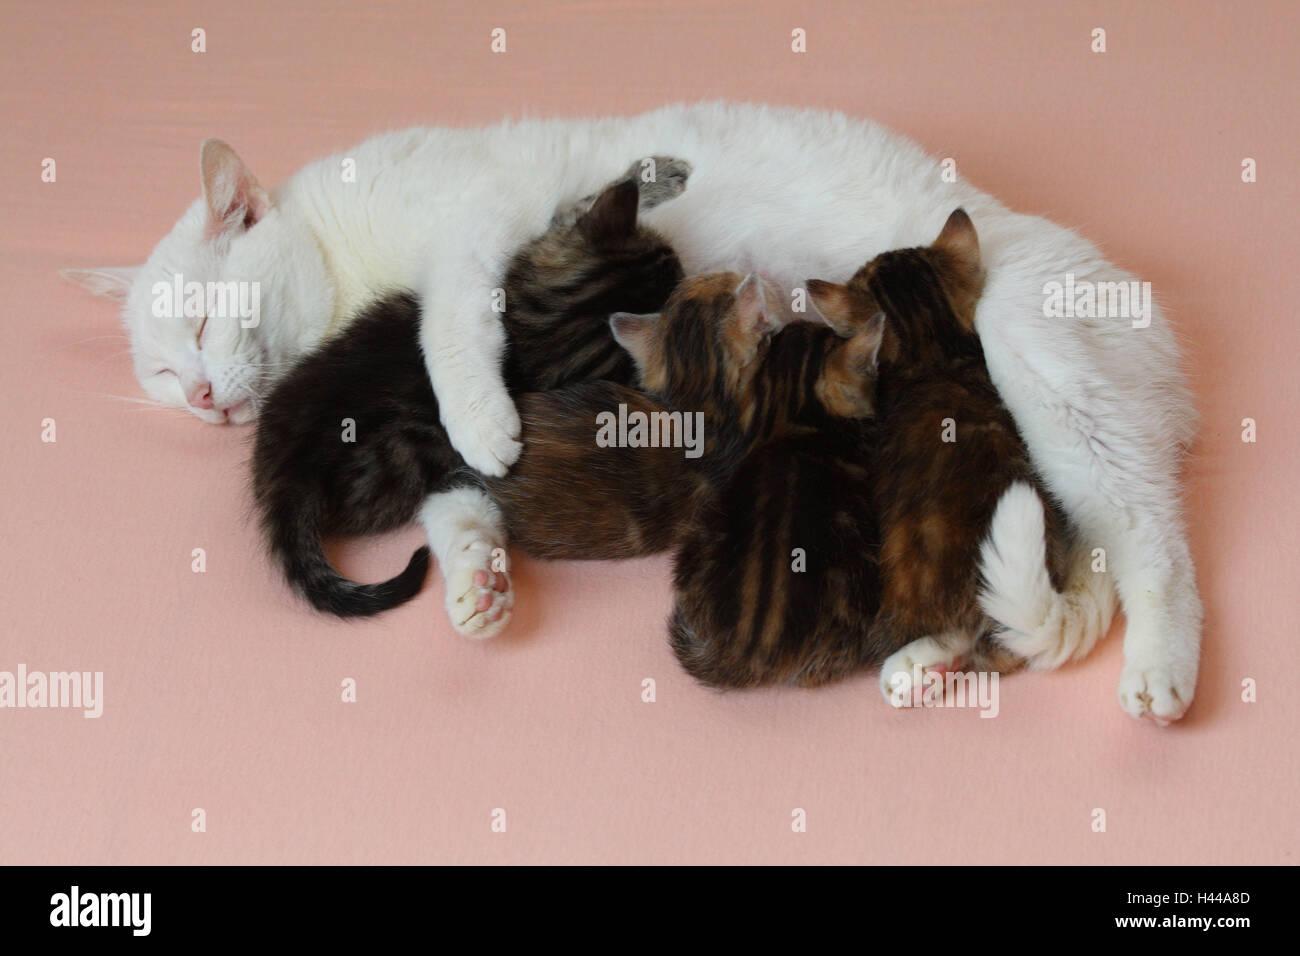 Katze Nuss Lüge Kätzchen Krankenschwester Bett Tiere